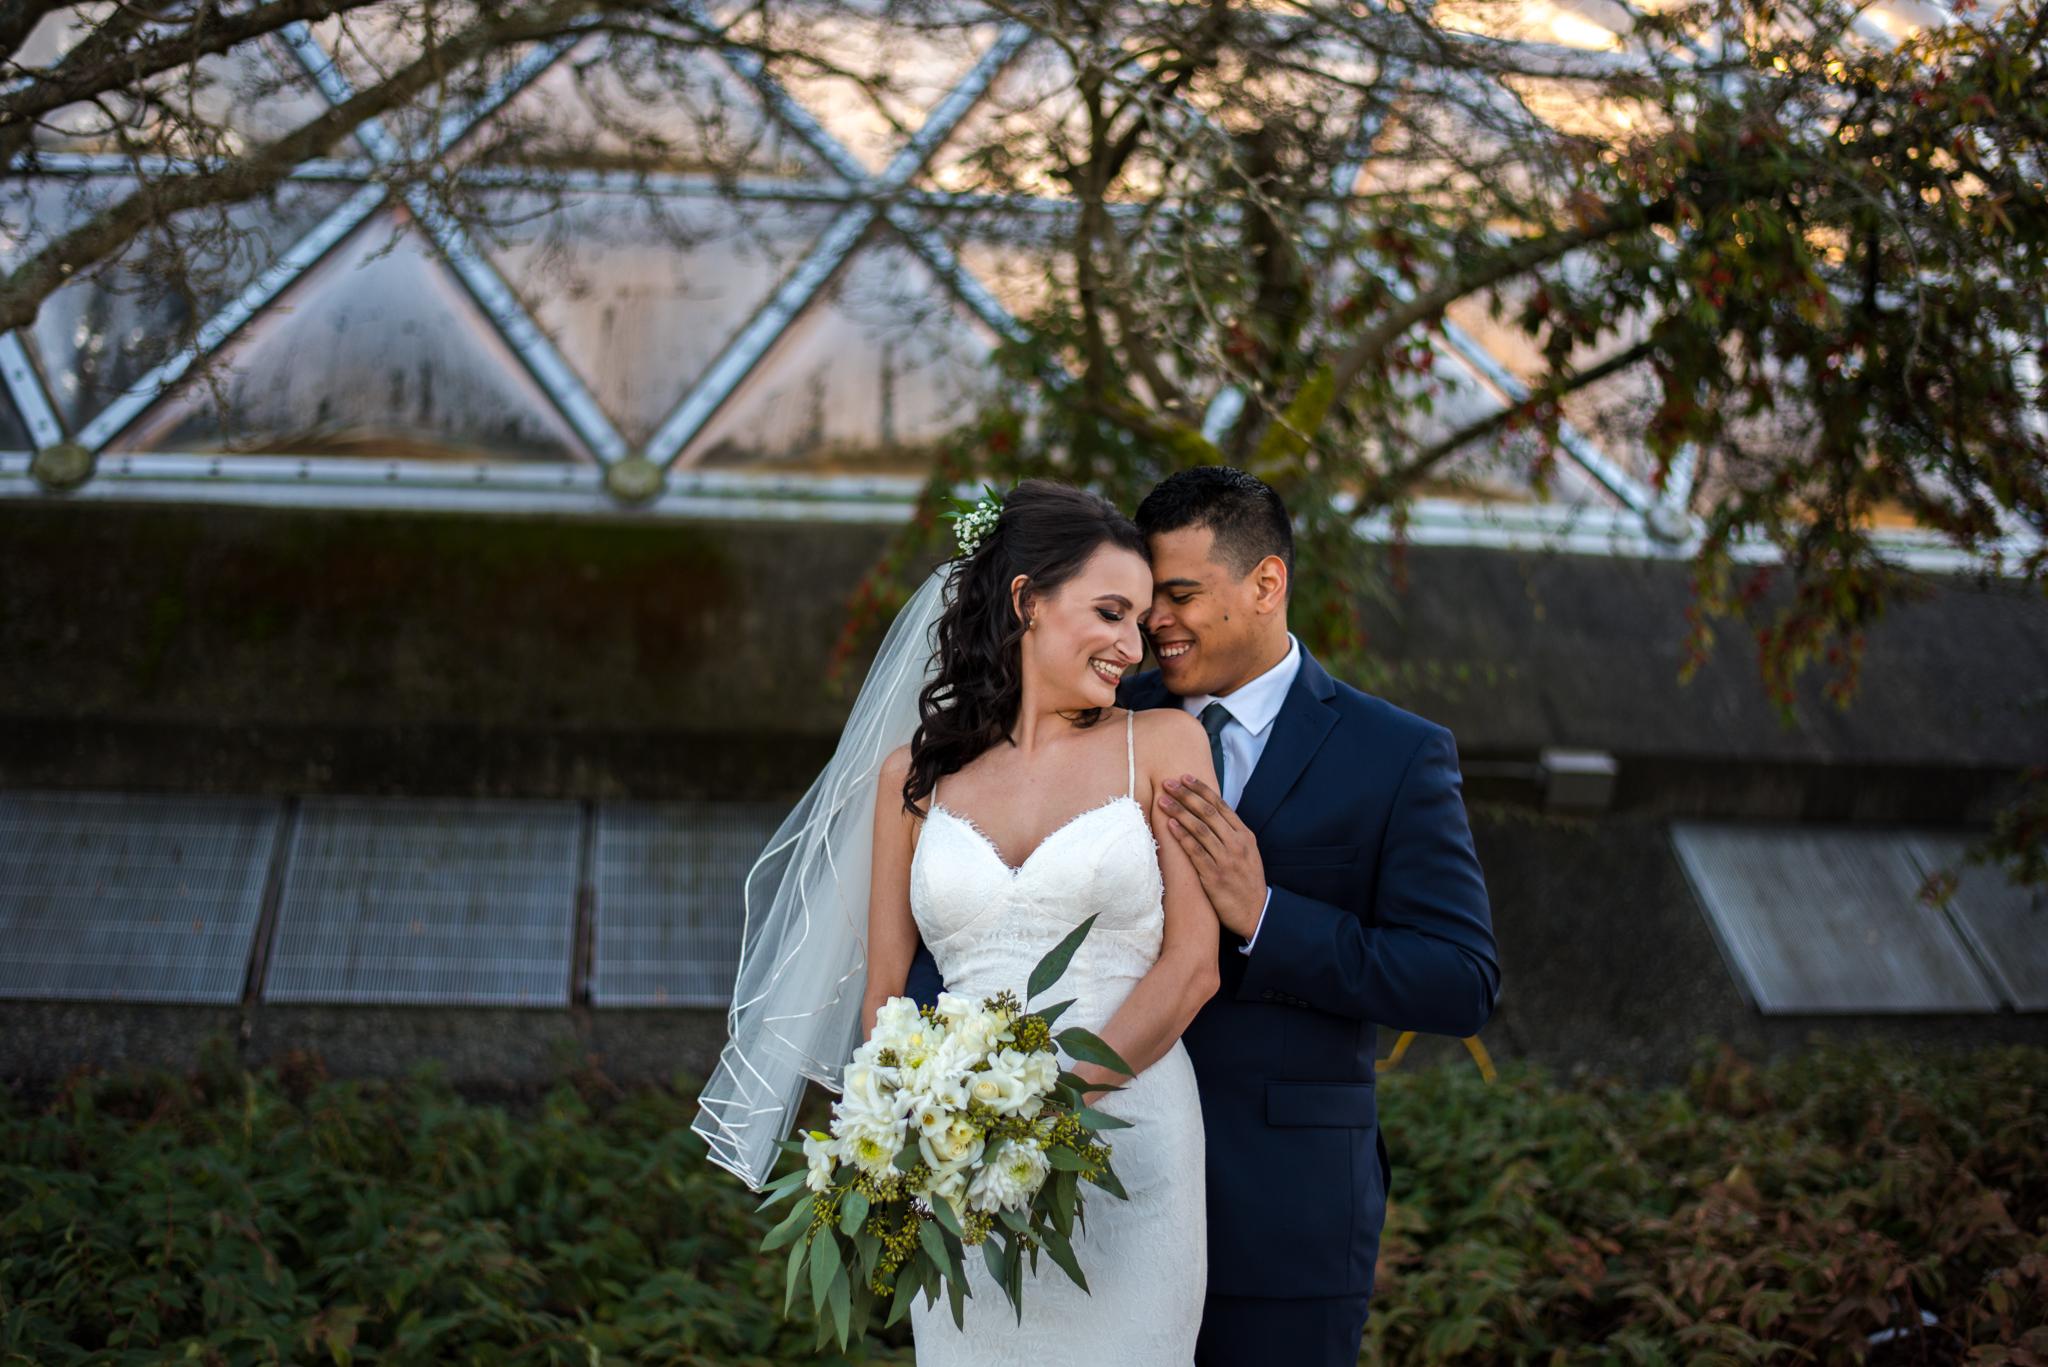 Queen Elizabeth Park Wedding Photos in Vancouver BC